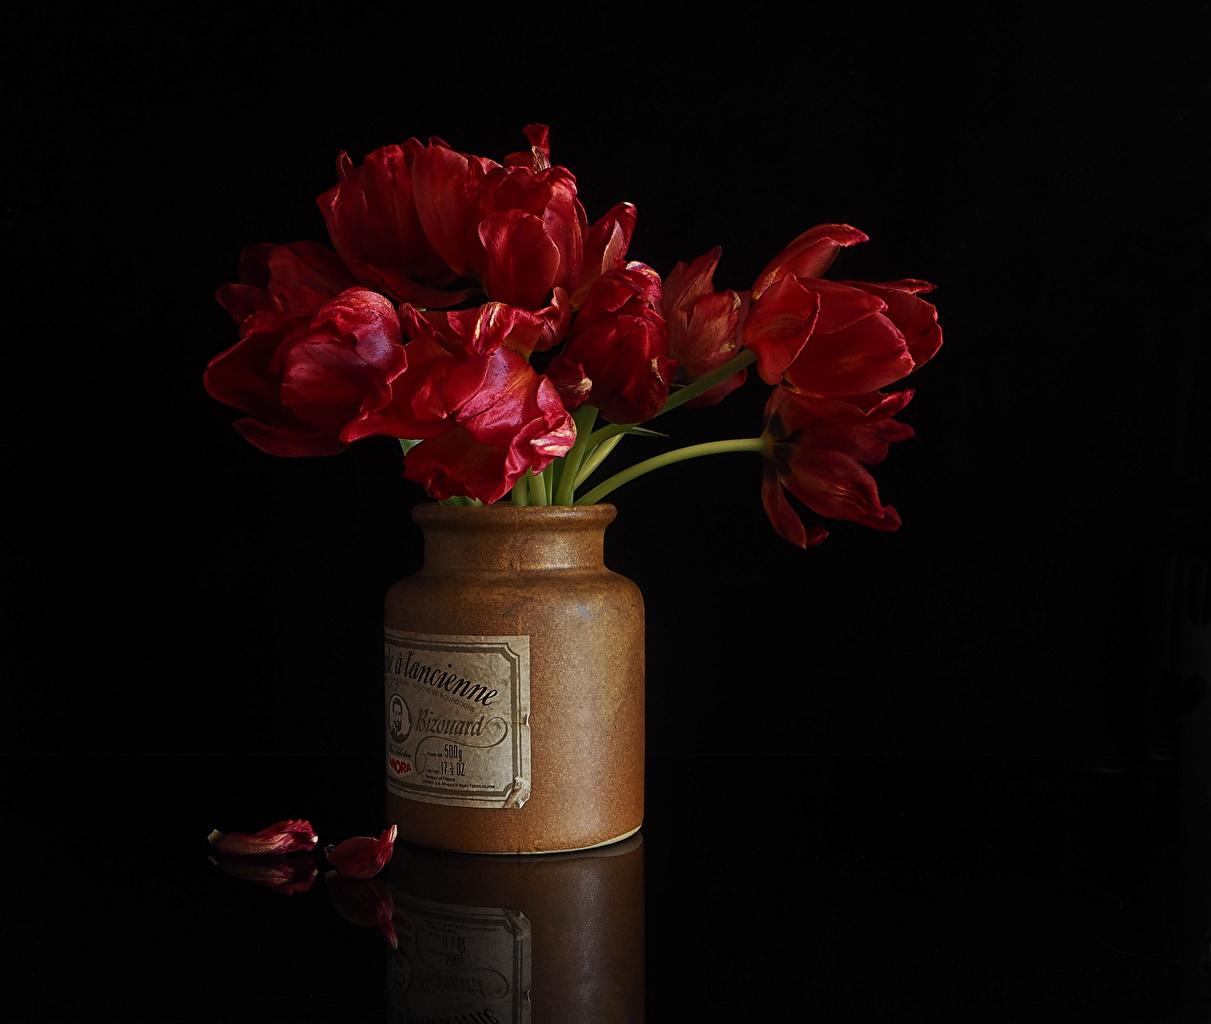 Фотографии Красный Тюльпаны лепестков Банка Цветы на черном фоне тюльпан красная красные красных Лепестки банке банки цветок Черный фон